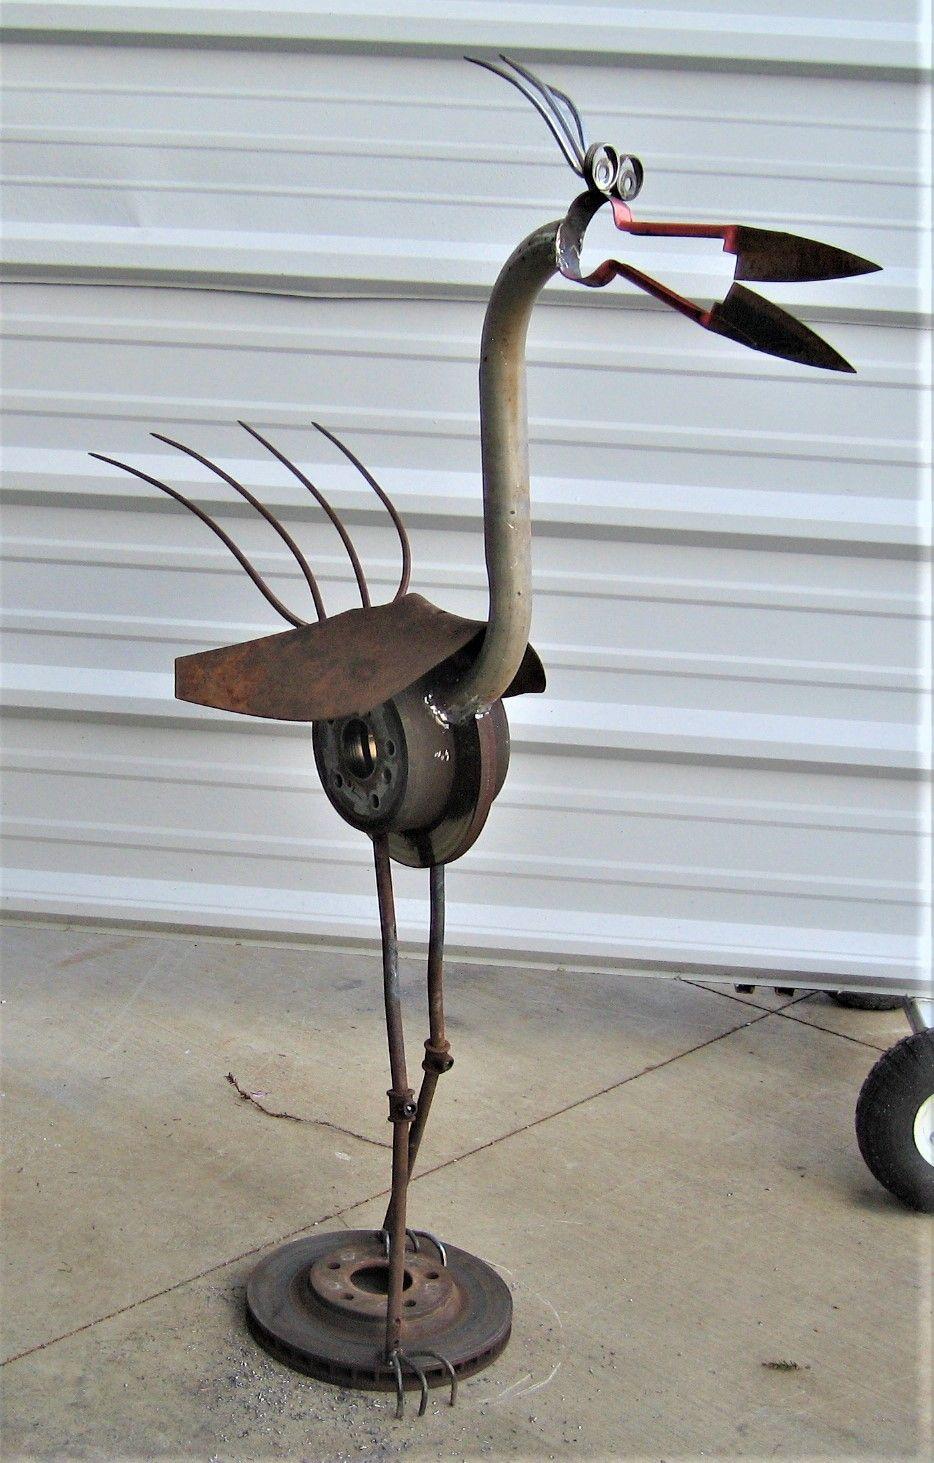 Pin By Jj Craignish On Stuff In 2020 Scrap Metal Art